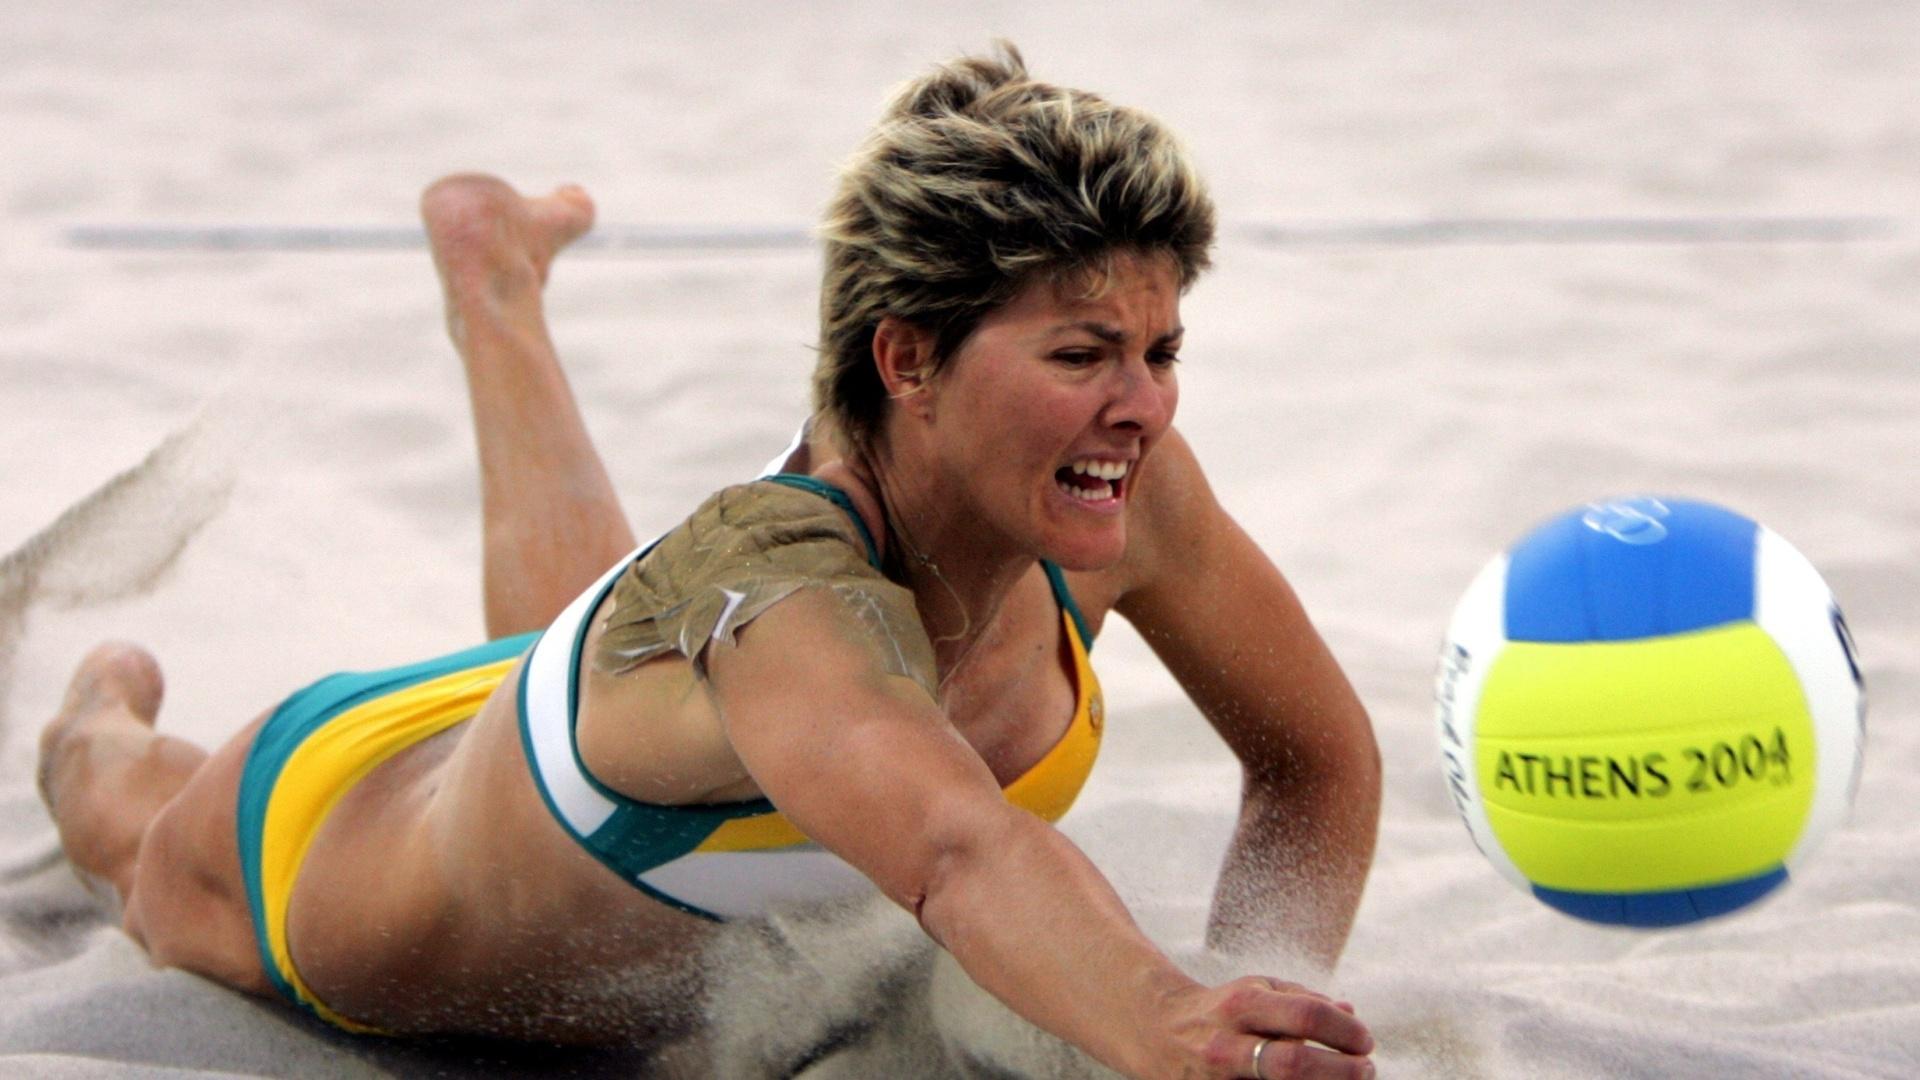 Natalie Cook, da Austrália, tenta evitar o ponto adversário durante uma partida nas Olimpíadas de Atenas, em 2004